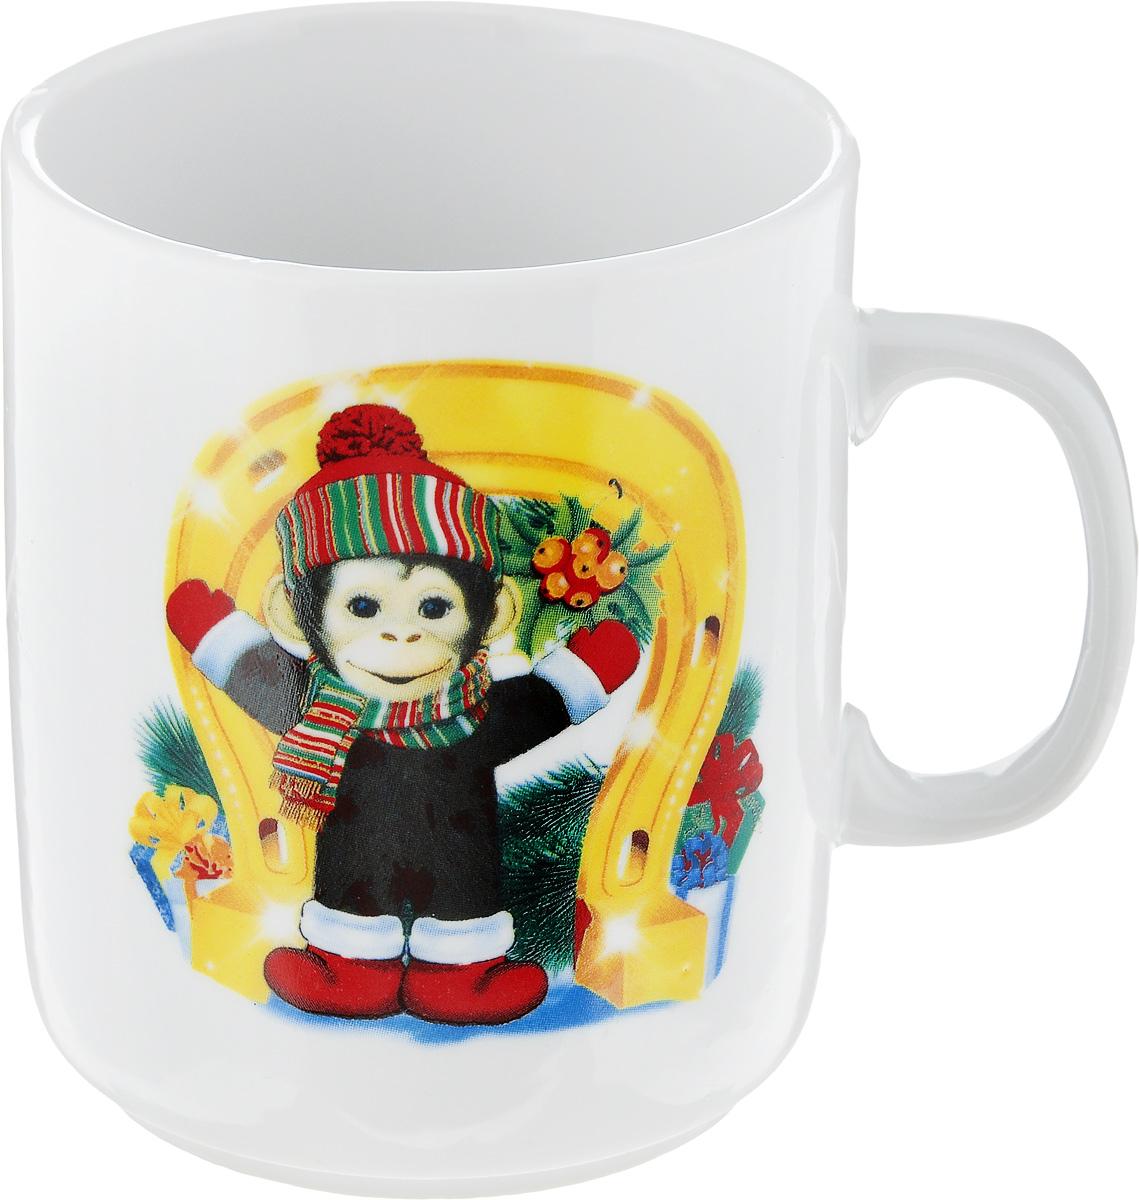 Кружка Фарфор Вербилок Обезьянка с подковкой. 77942807794280Красивая фарфоровая кружка способна скрасить любое чаепитие. Посуда из такого материала позволяет сохранить истинный вкус напитка, а также помогает ему дольше оставаться теплым.